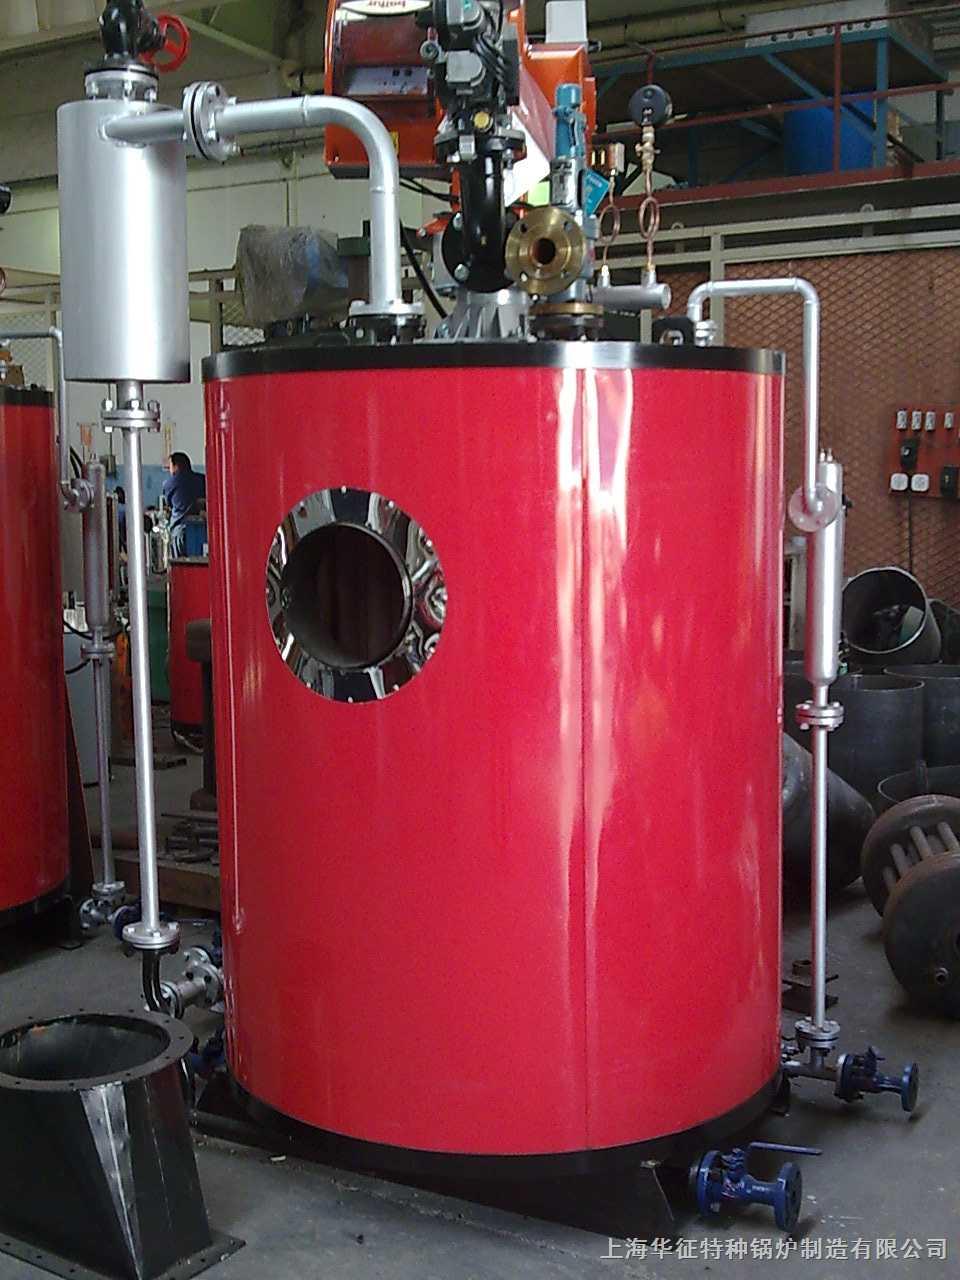 学校供应热水立式燃气蒸汽锅炉